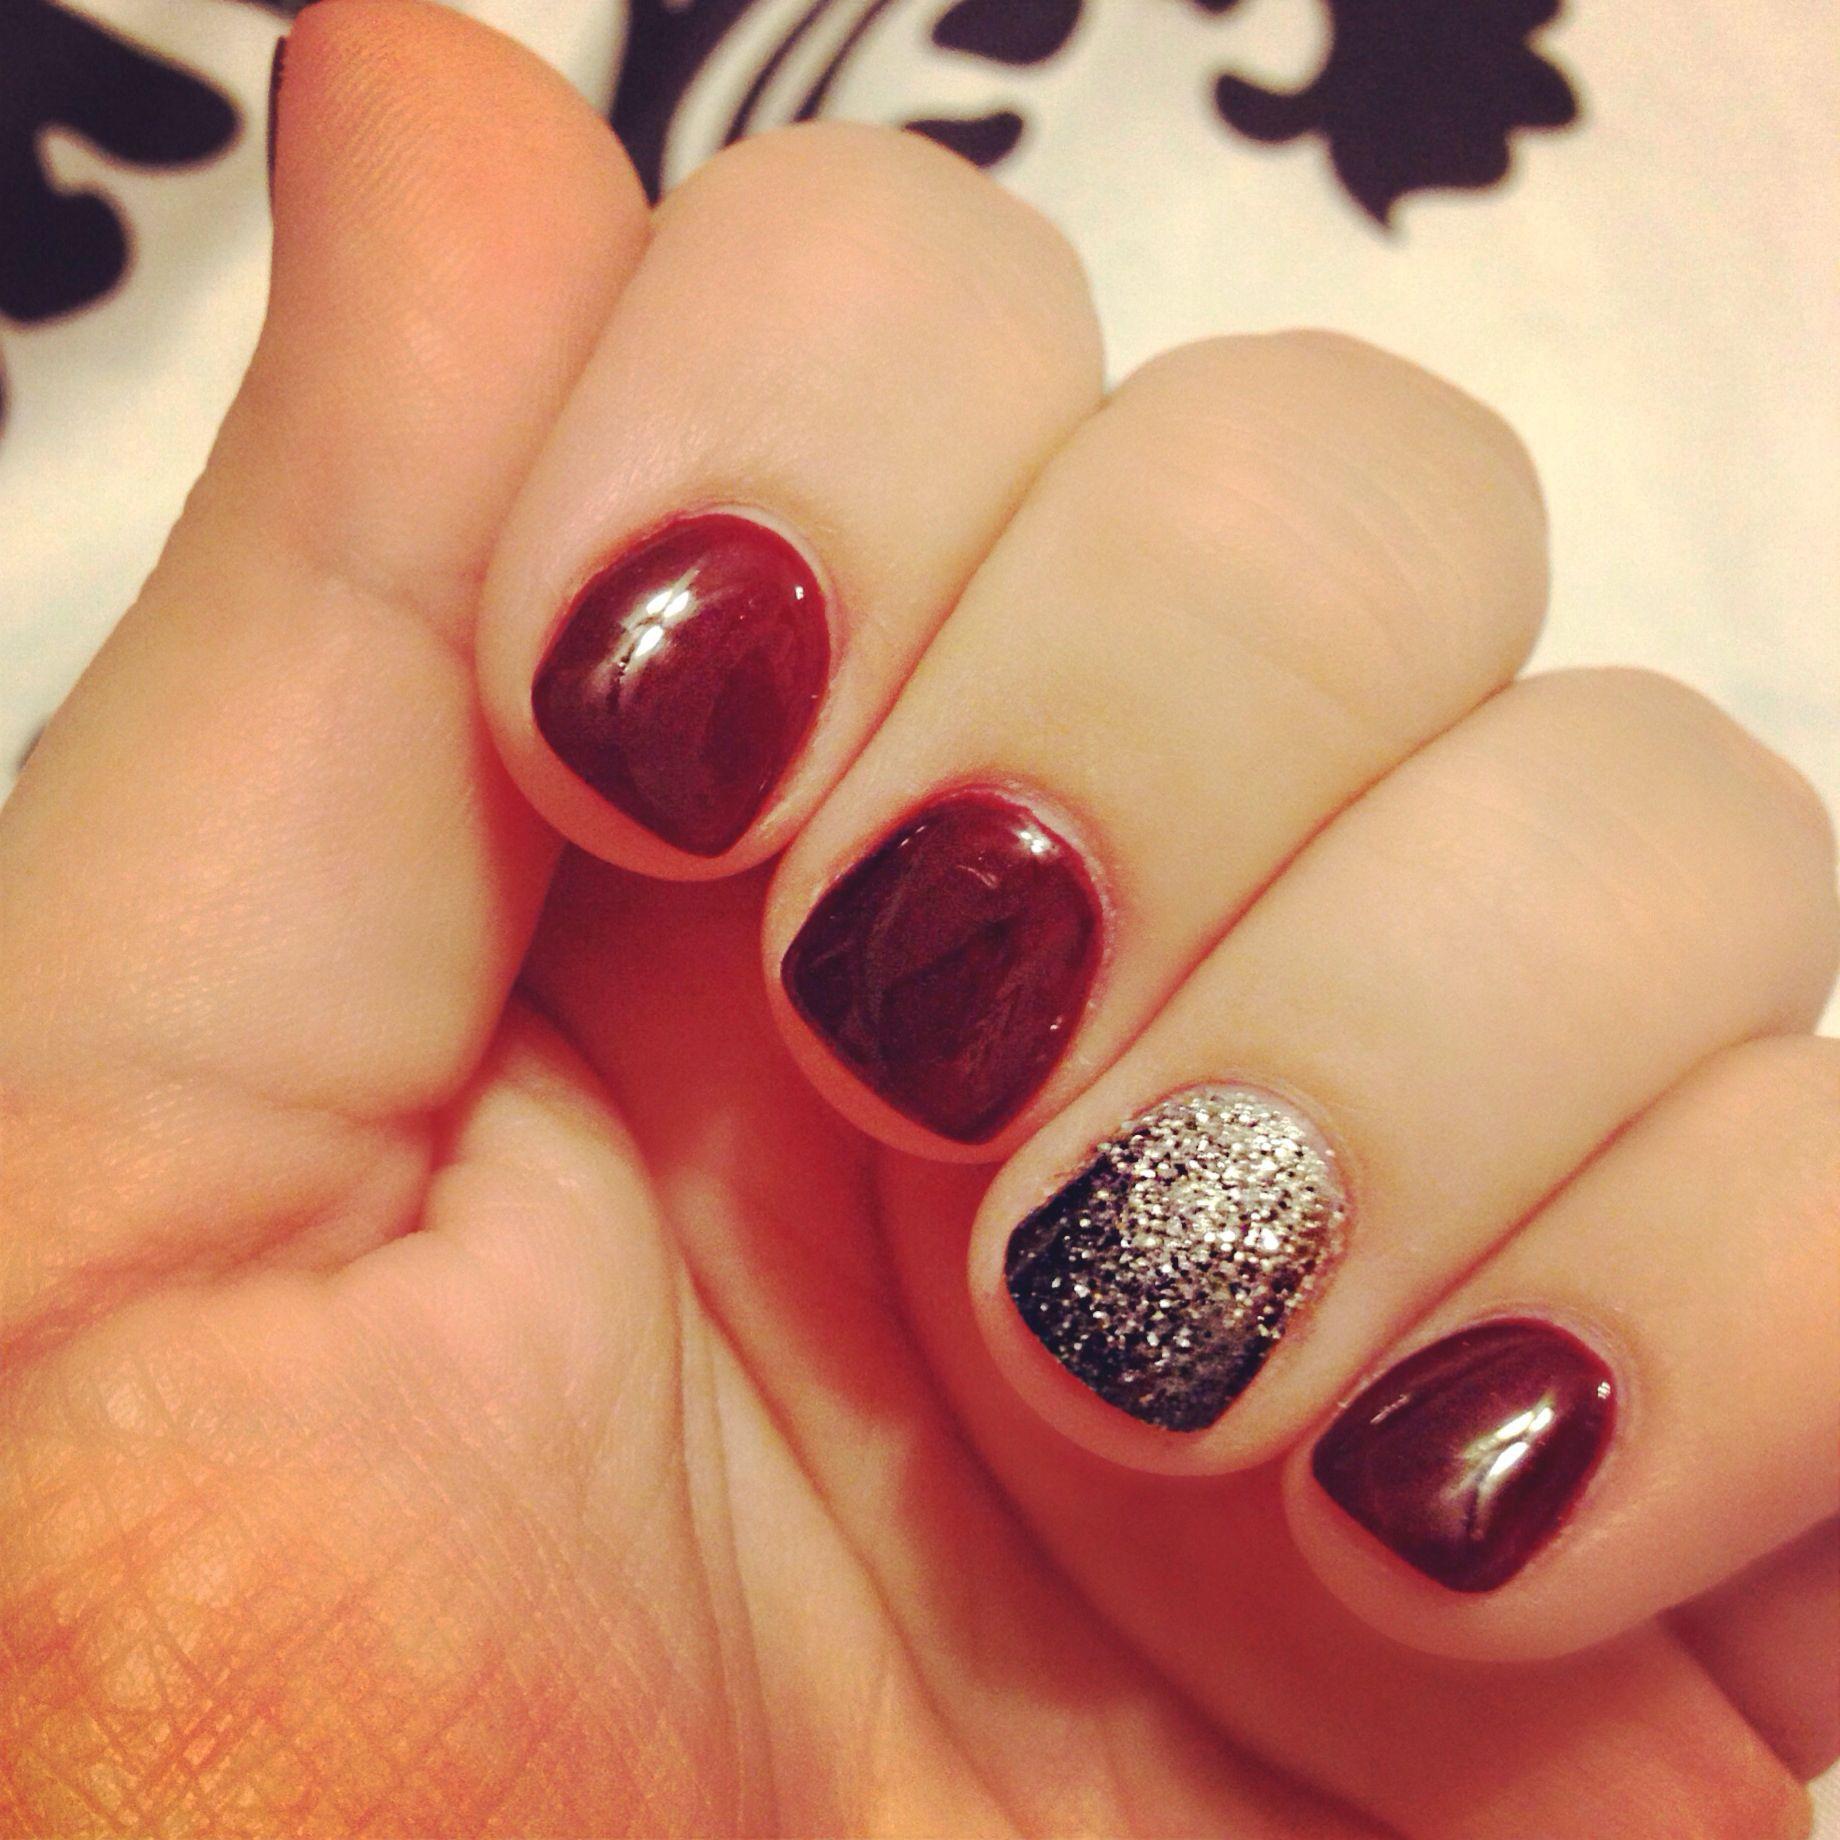 redwine #darkred #gelmanicure #ombreglitter | Nail art | Pinterest